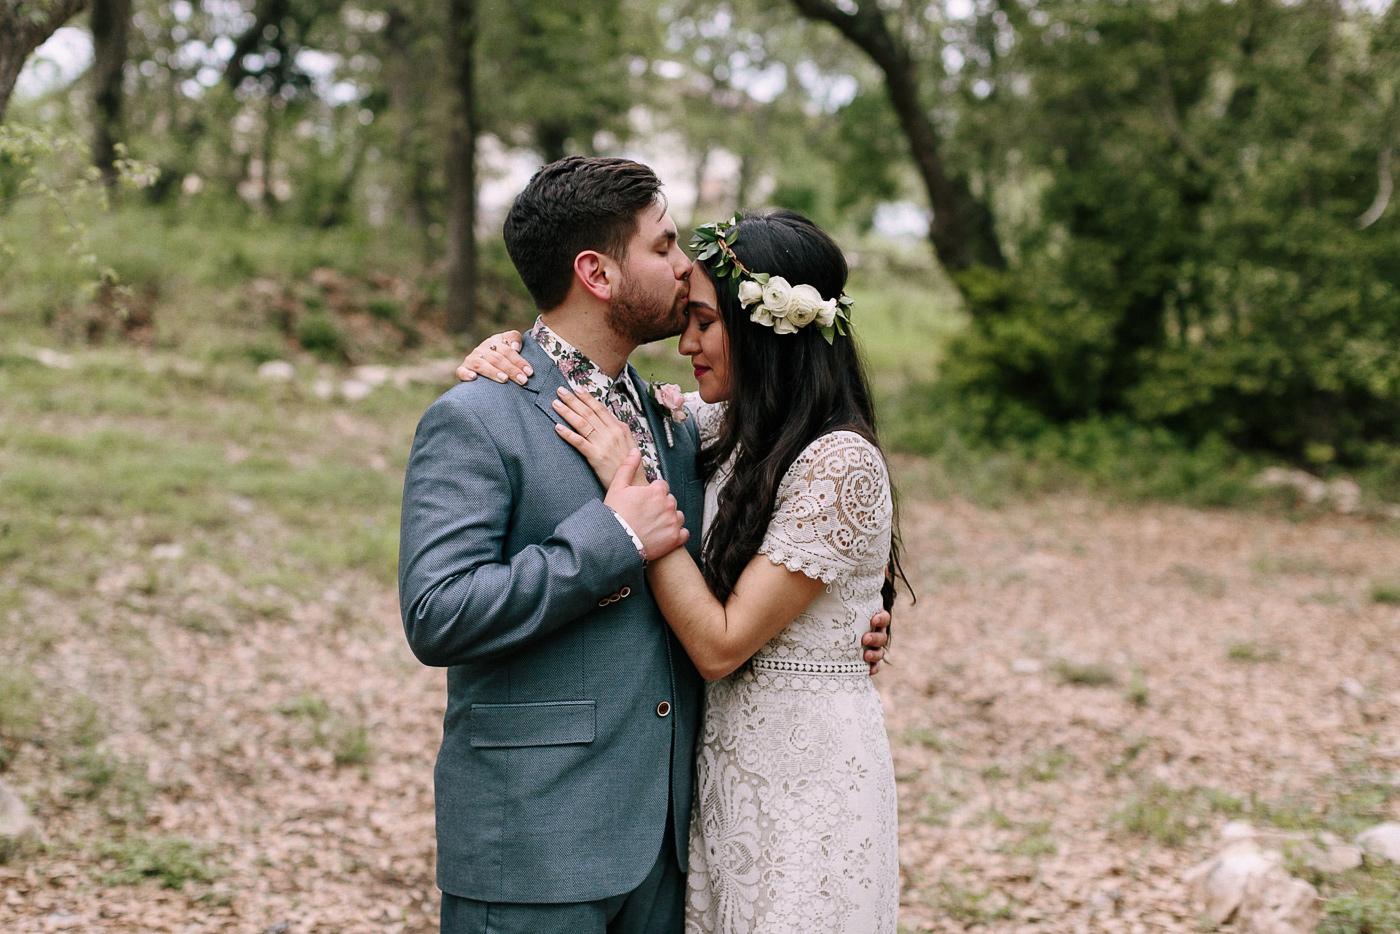 326-wimberley-texas-intimate-backyard-wedding.jpg